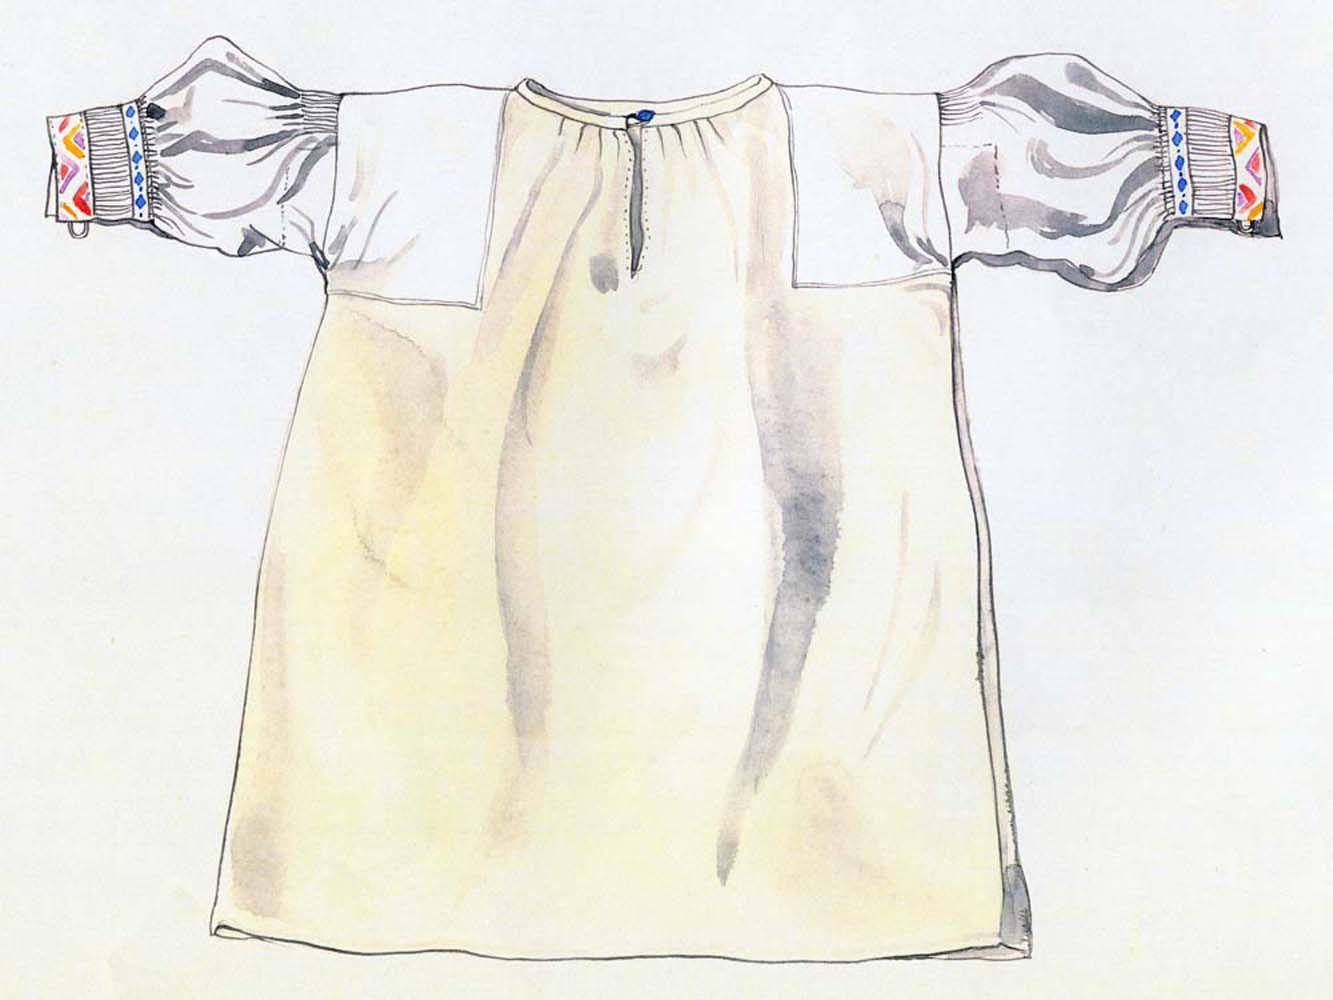 Rukávce, Bunetice, začiatok 20. storočia. Rukávce (oplečko) majú rovný strih s kolmo prišitými rukávmi. Predný a zadný diel je z domáceho konopného plátna. Na pleciach je podloženie z kupovaného bavlneného plátna. Rukávce nemajú golier. Okraj krčného výstrihu je všitý do úzkeho obalka. Široké a rovné rukávy zo šifónu sú v pleciach a manžetách drobno nariasené. Manžety zdobí farebná hladkovaná výšivka.